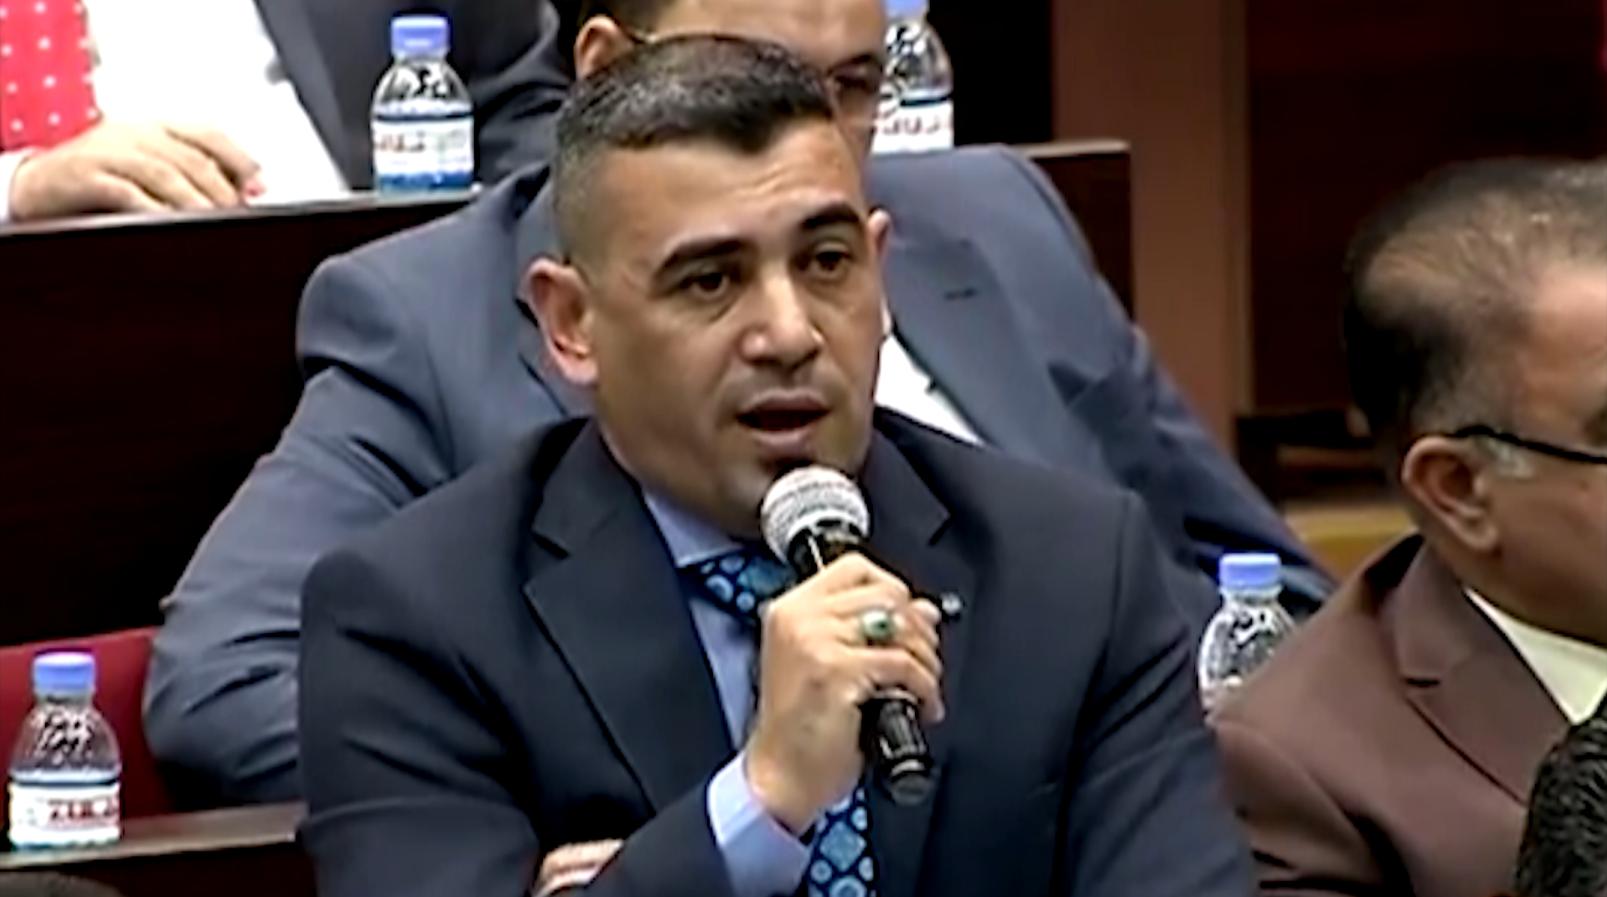 برلماني عراقي ينضم الى قافلة المصابين من زملائه بفيروس كورونا